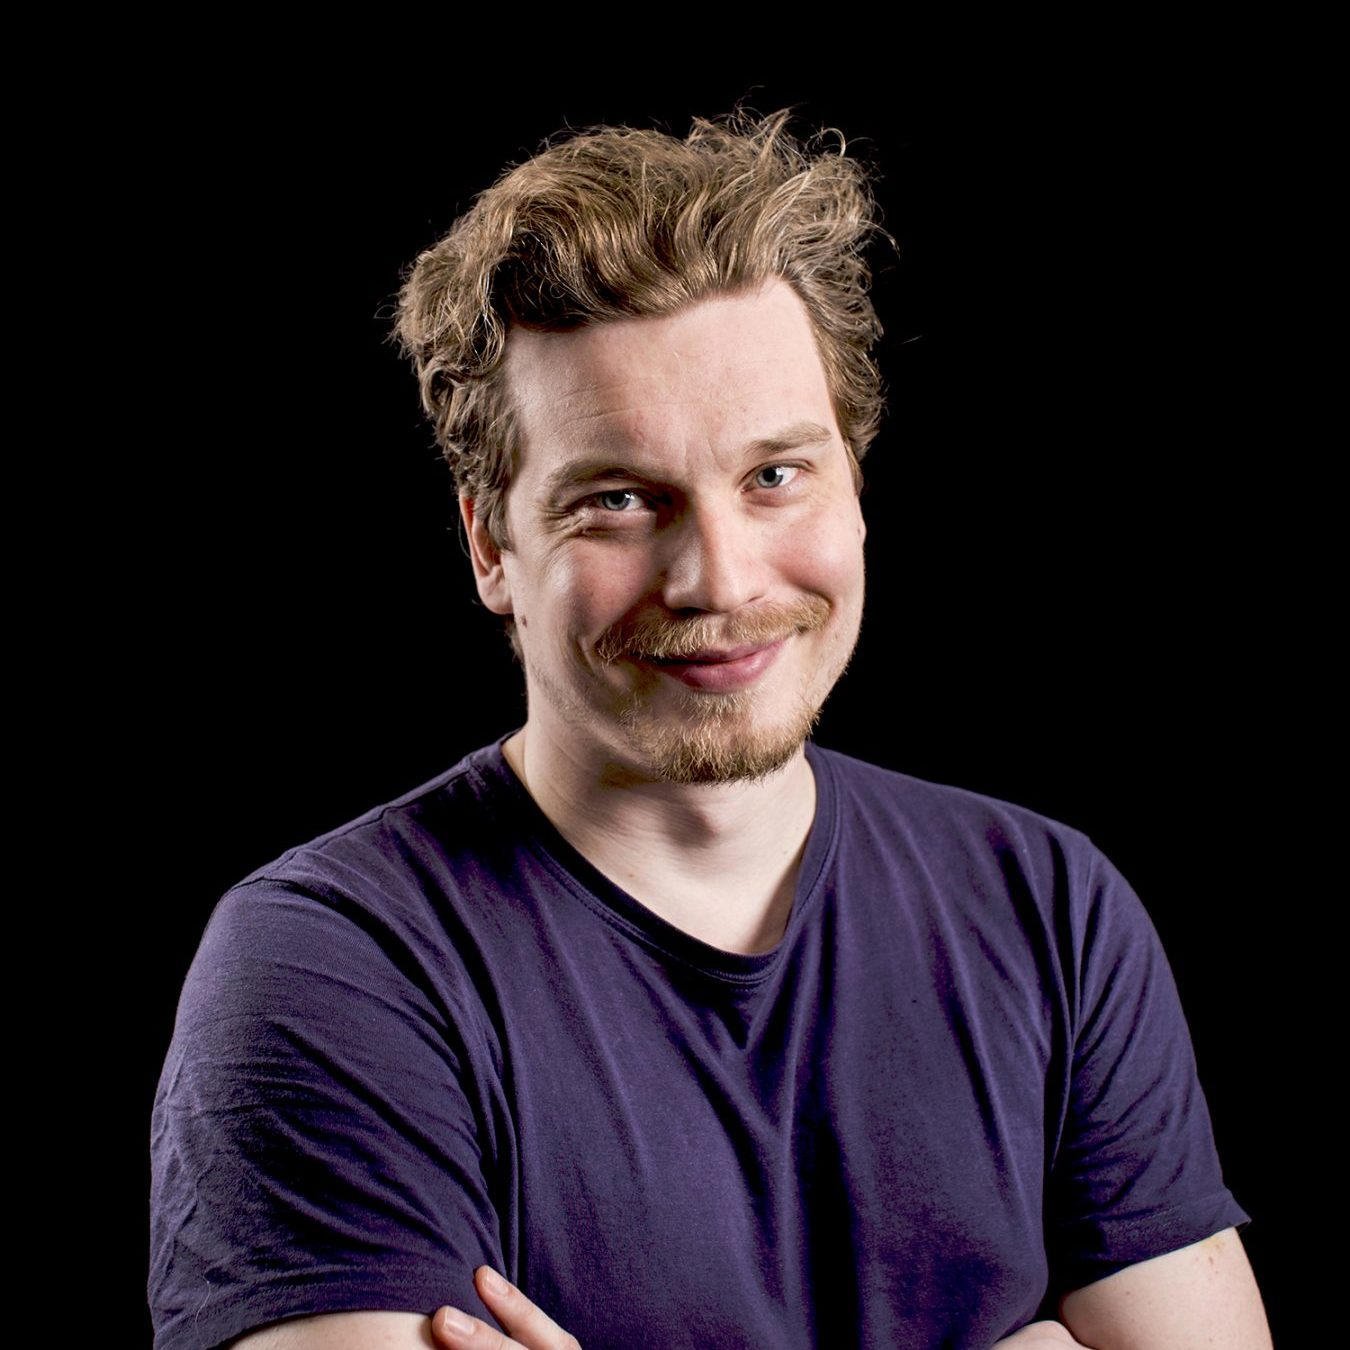 Juha Jauhiainen